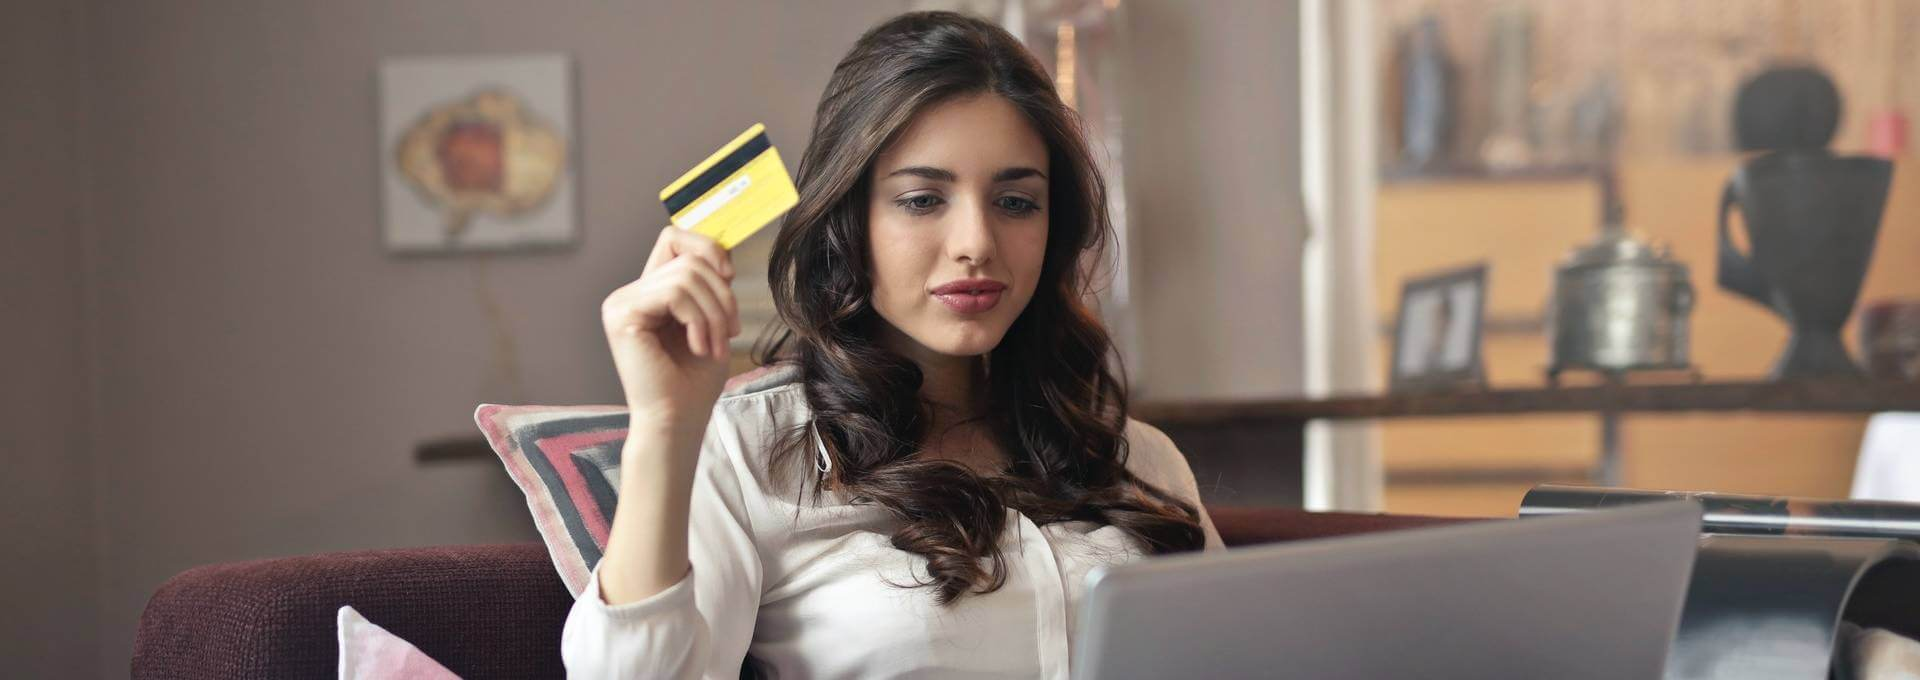 Vorsicht beim Online Shopping! Fake Shops haben es auf deine persönlichen Daten abgesehen.